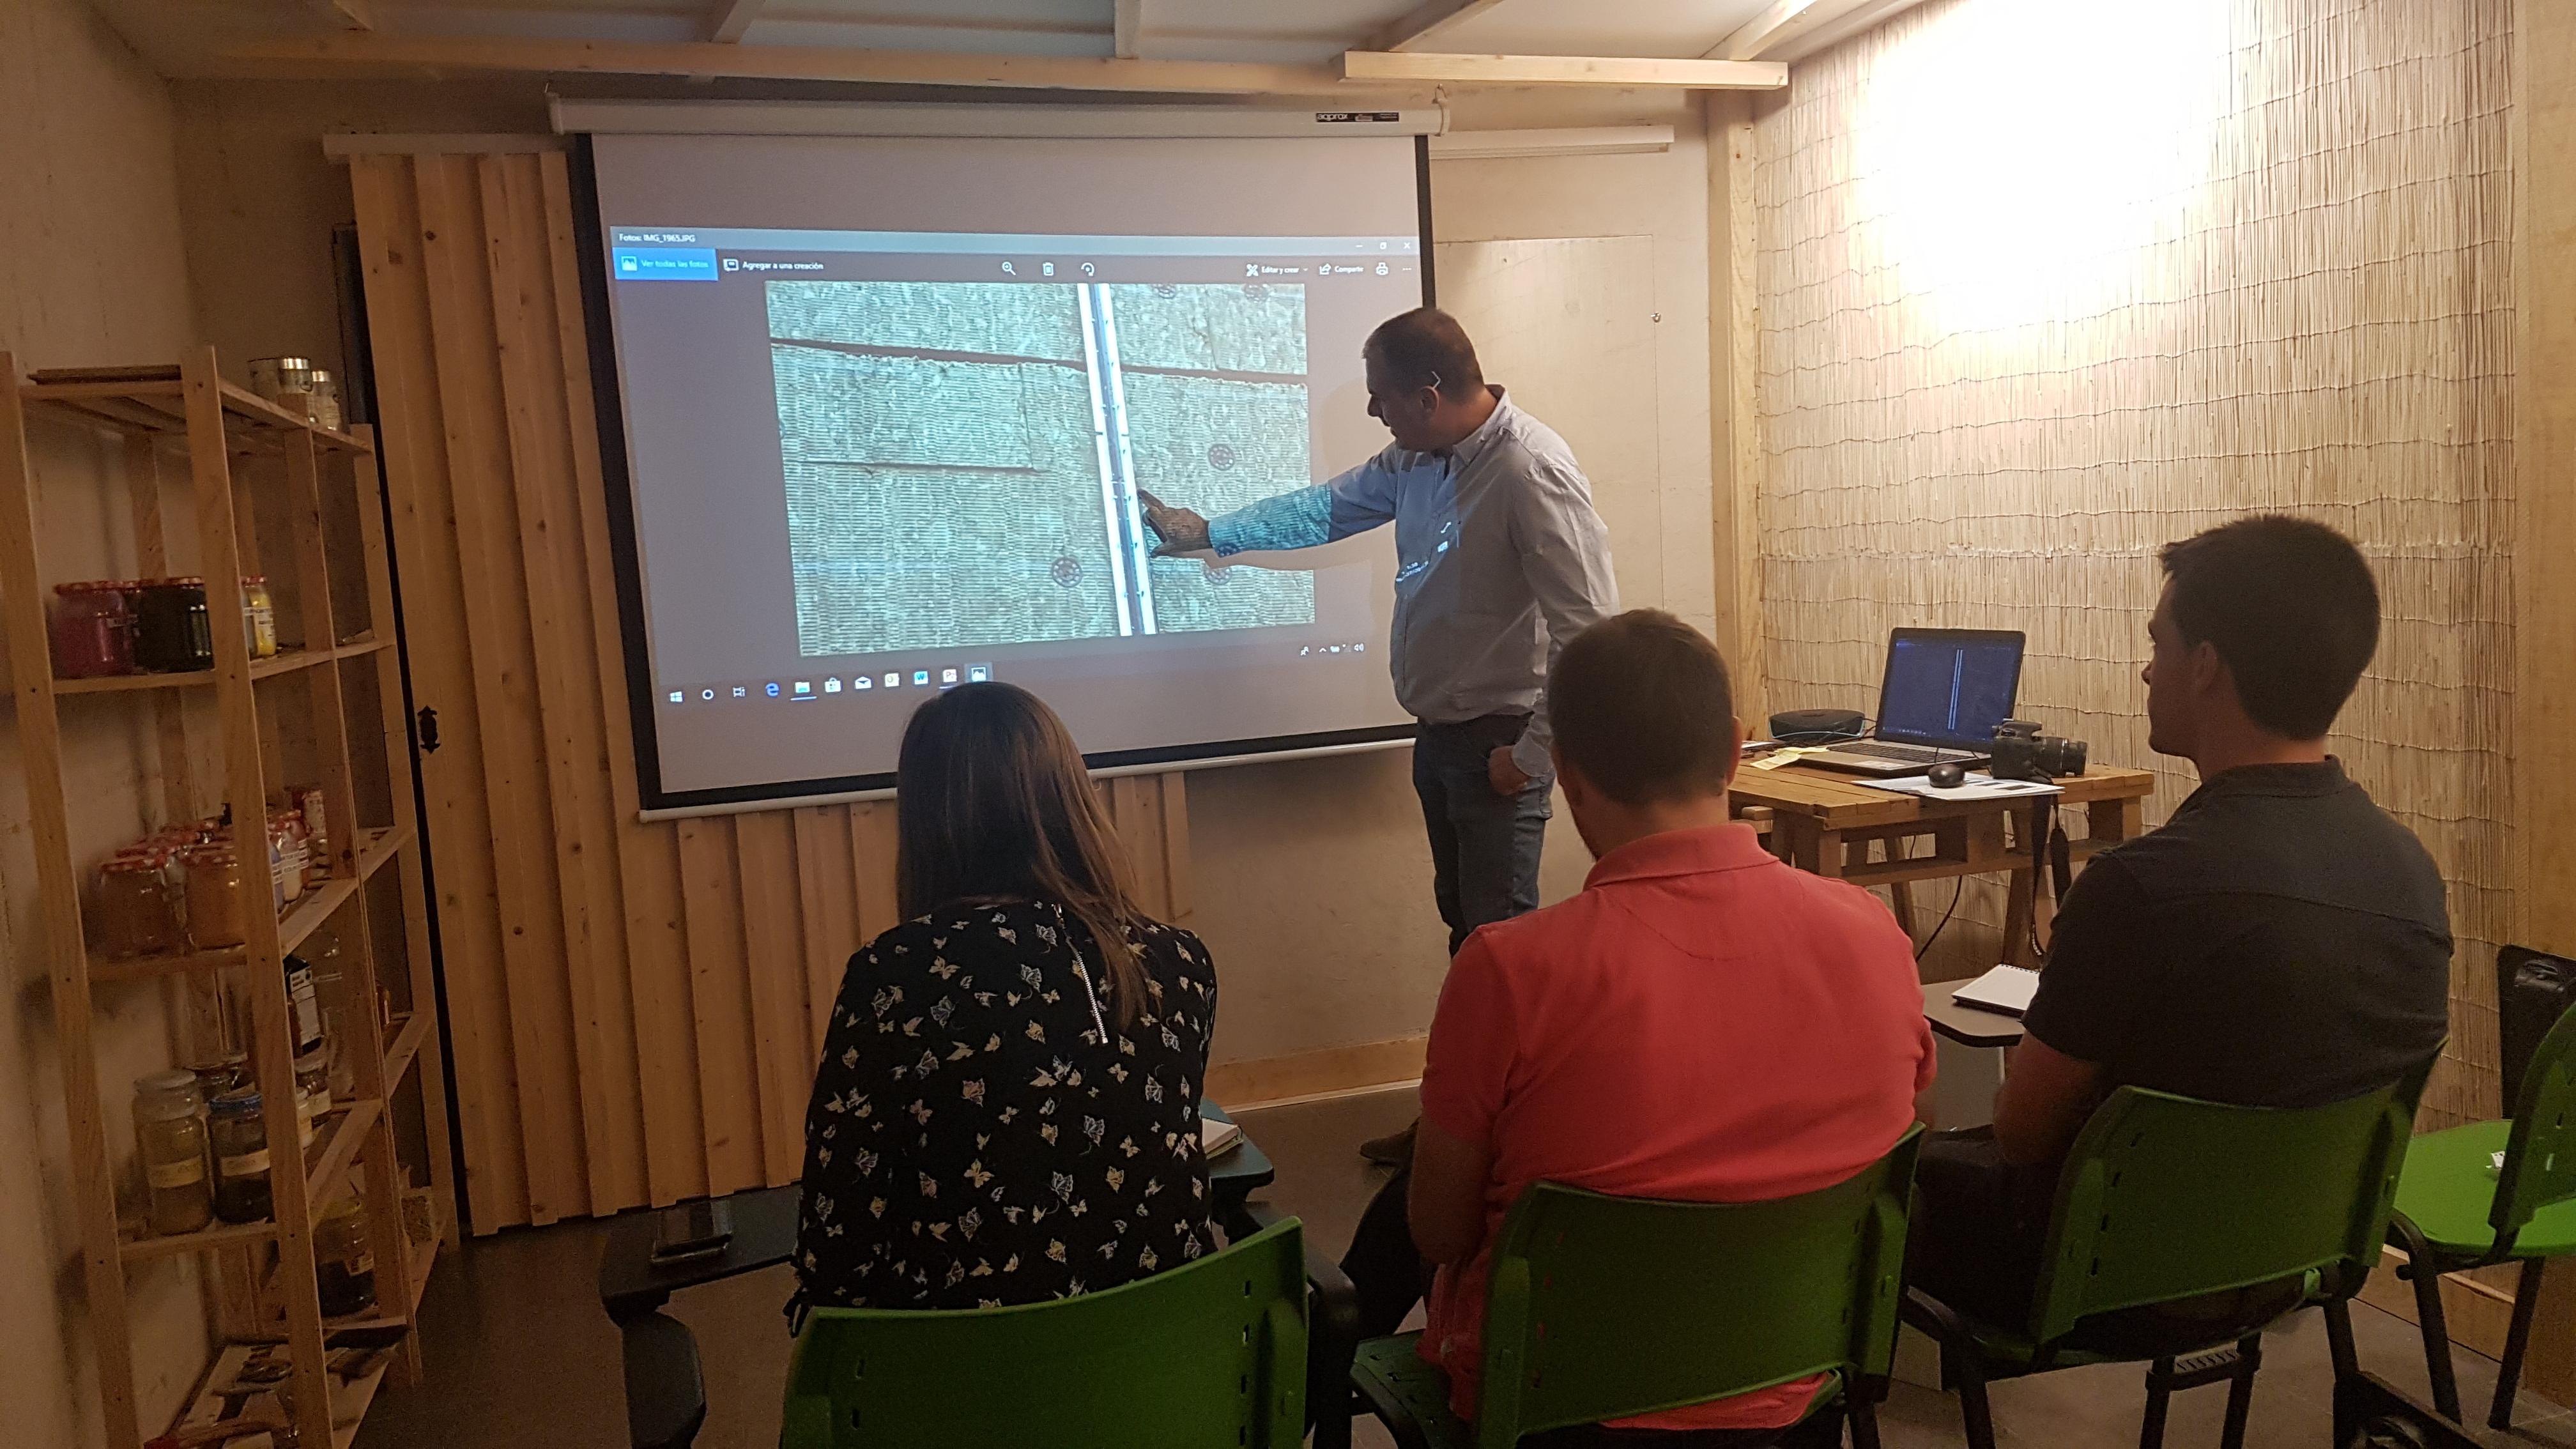 foto noticia: Nuestros técnicos amplían conocimientos en sistemas de Fachada Ventilada